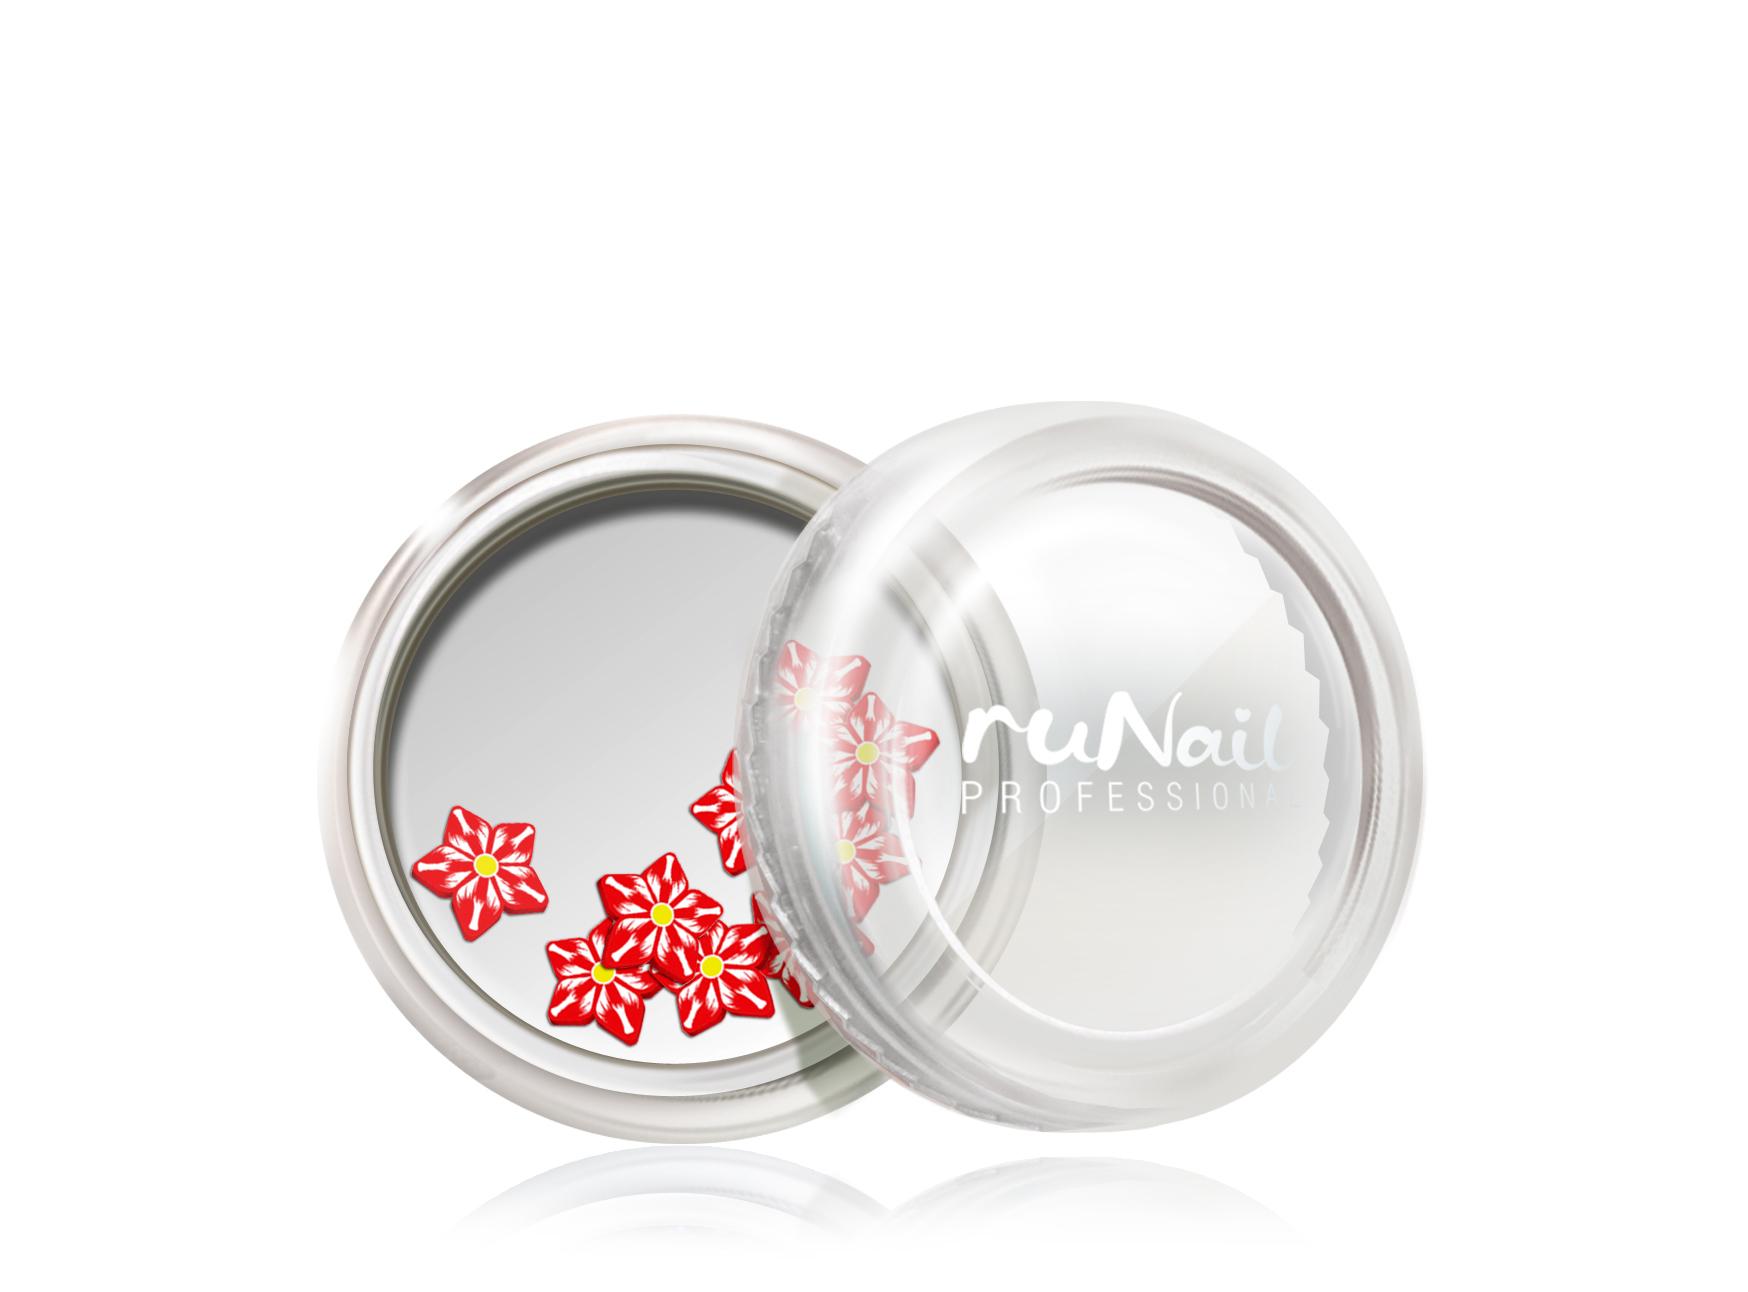 Дизайн для ногтей: резиновые аппликации (цветы, цвет: красно-белый) №0698